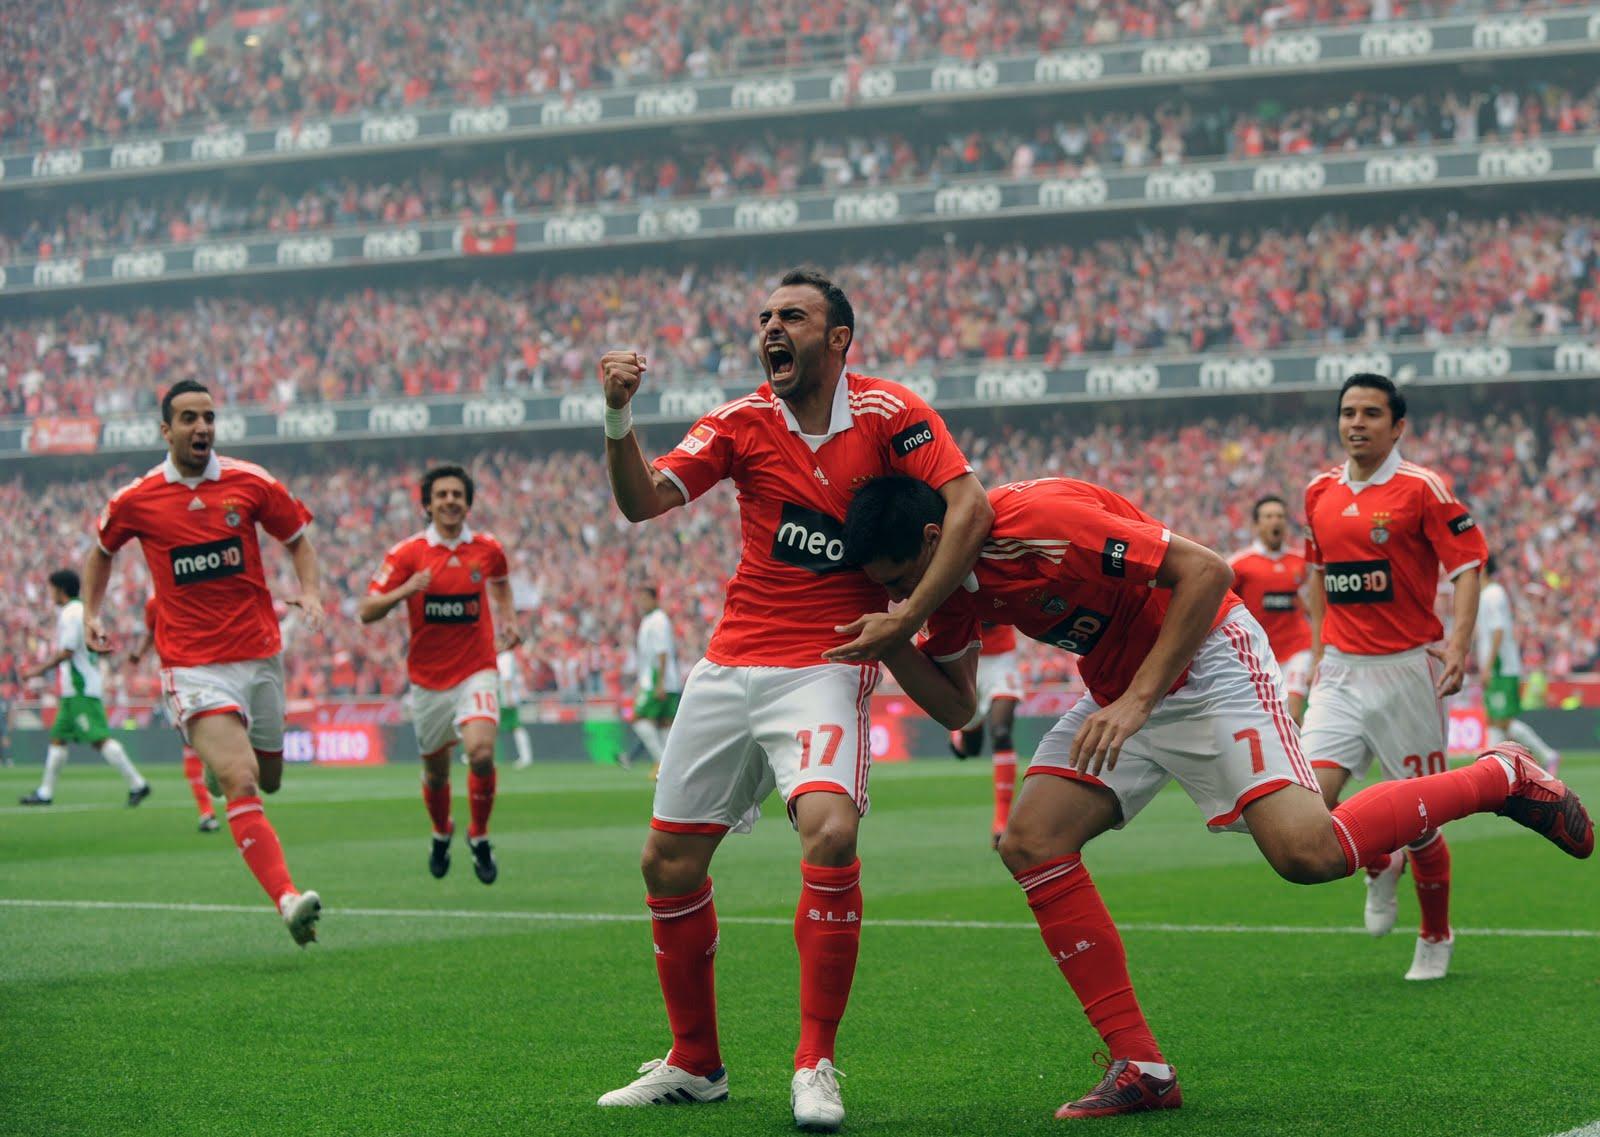 Benfica Jogo: O Benfica Sou Eu: Setembro 2010